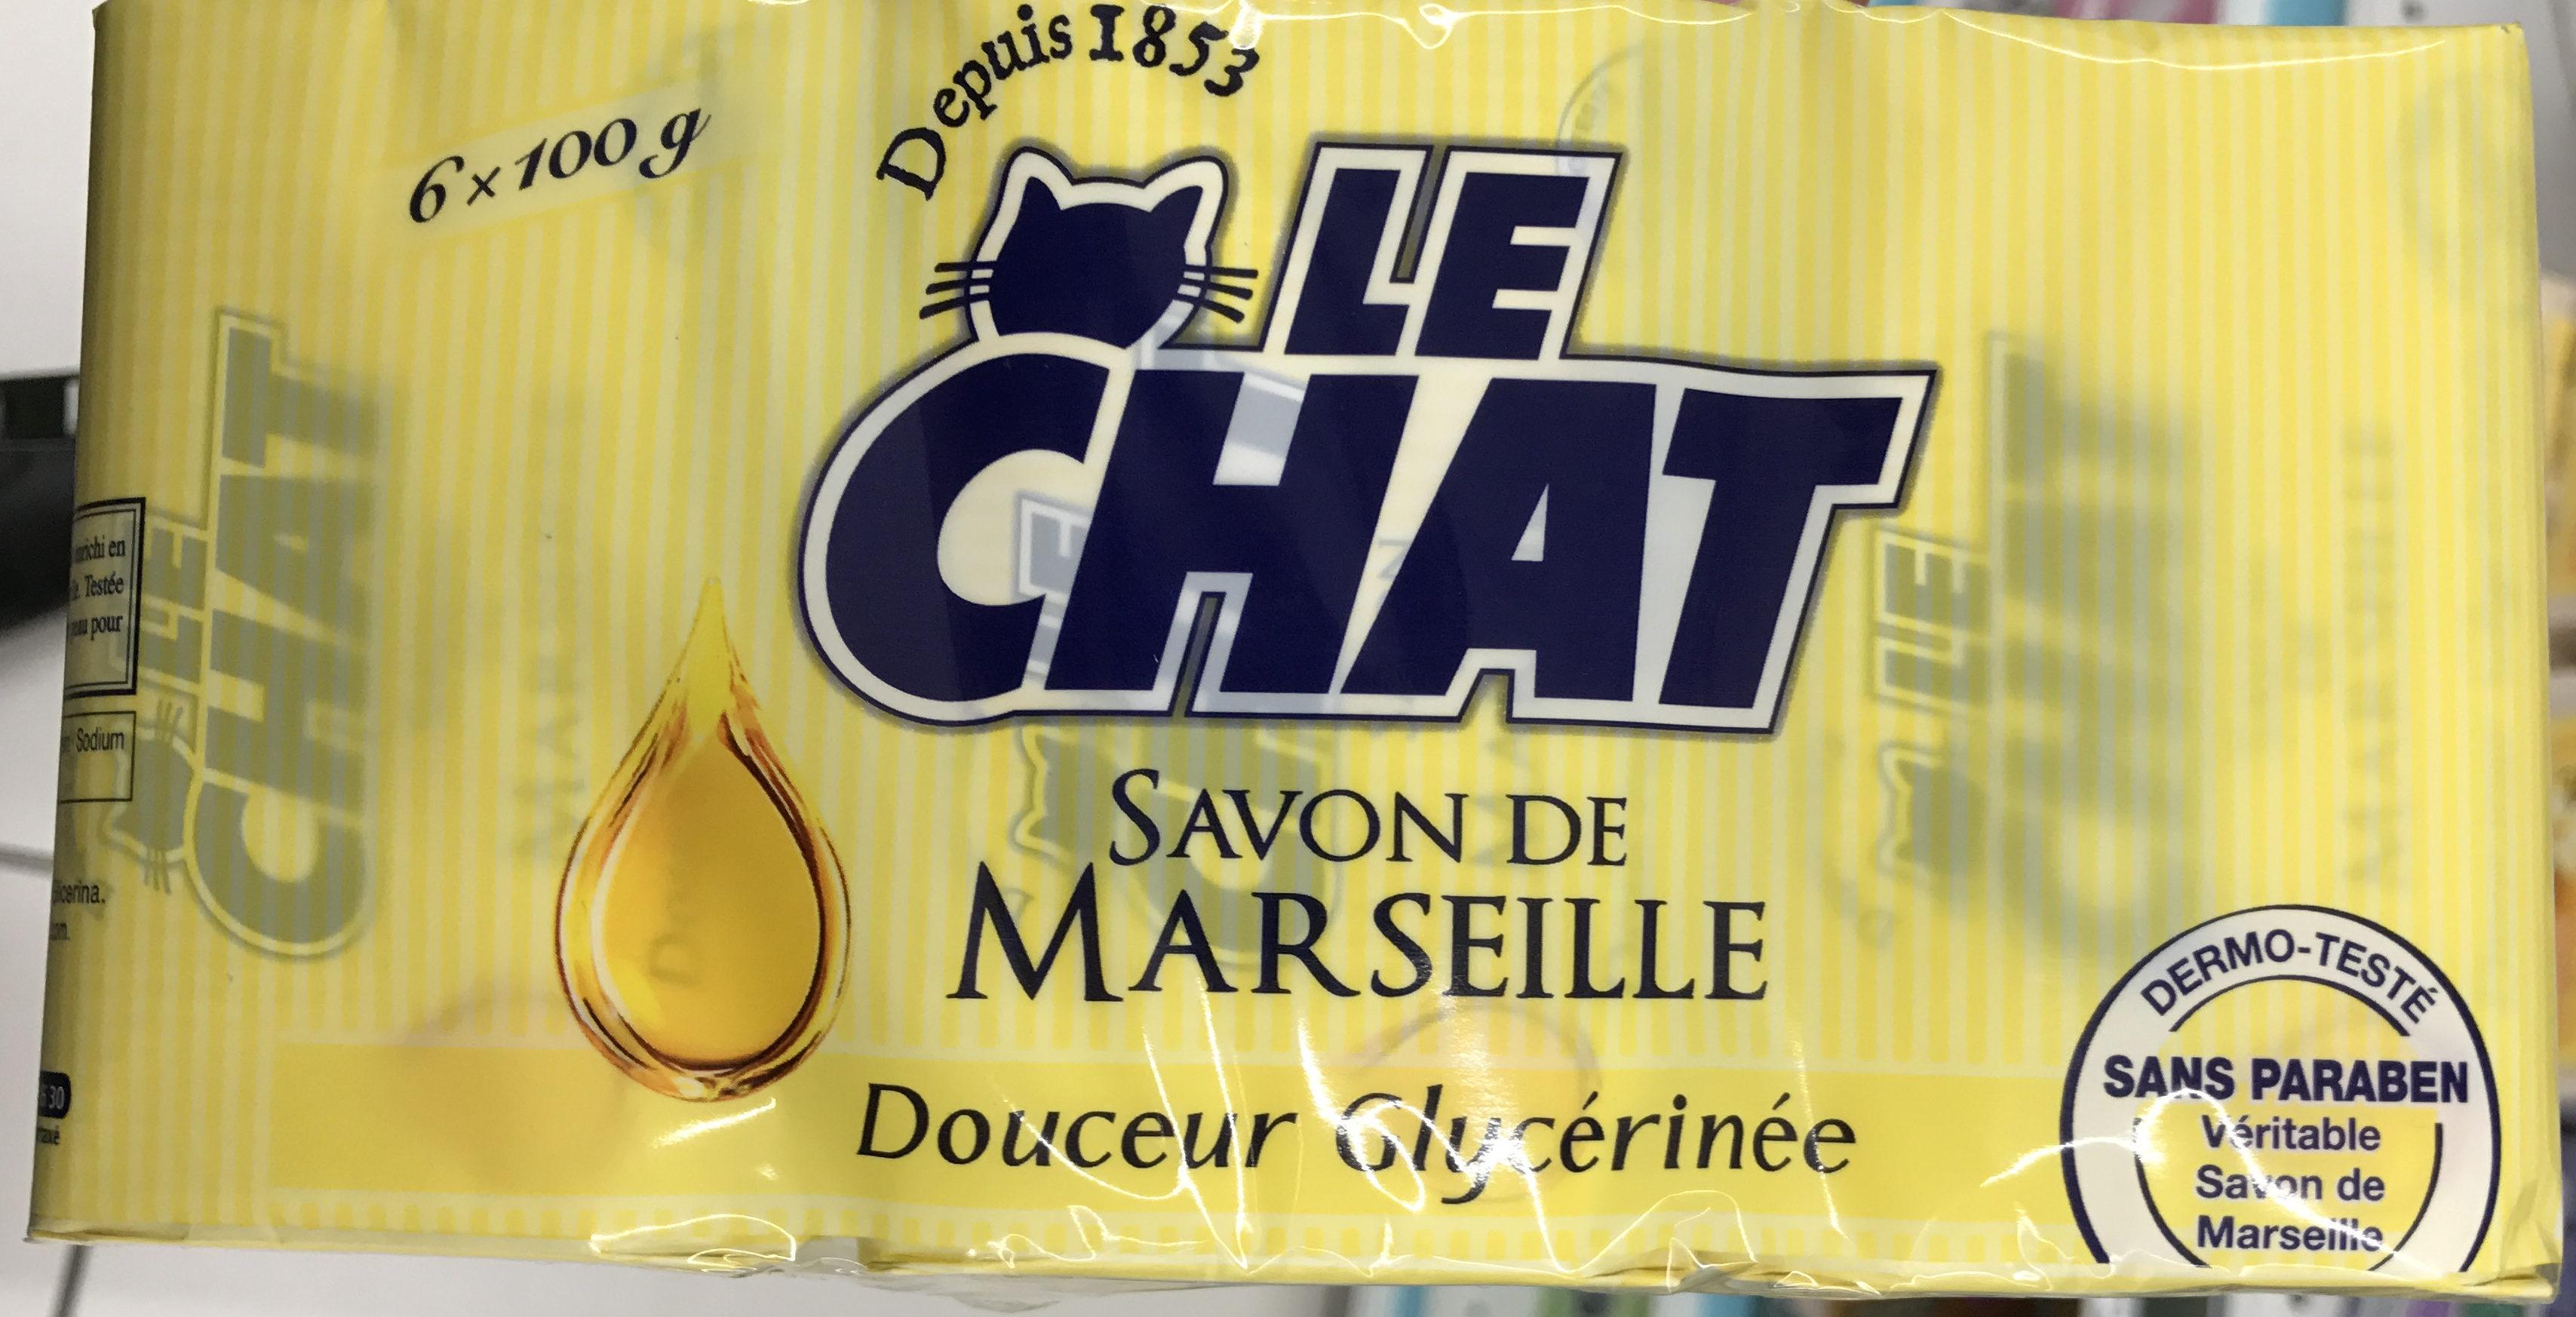 Savon de Marseille Douceur Glycérinée - Product - fr